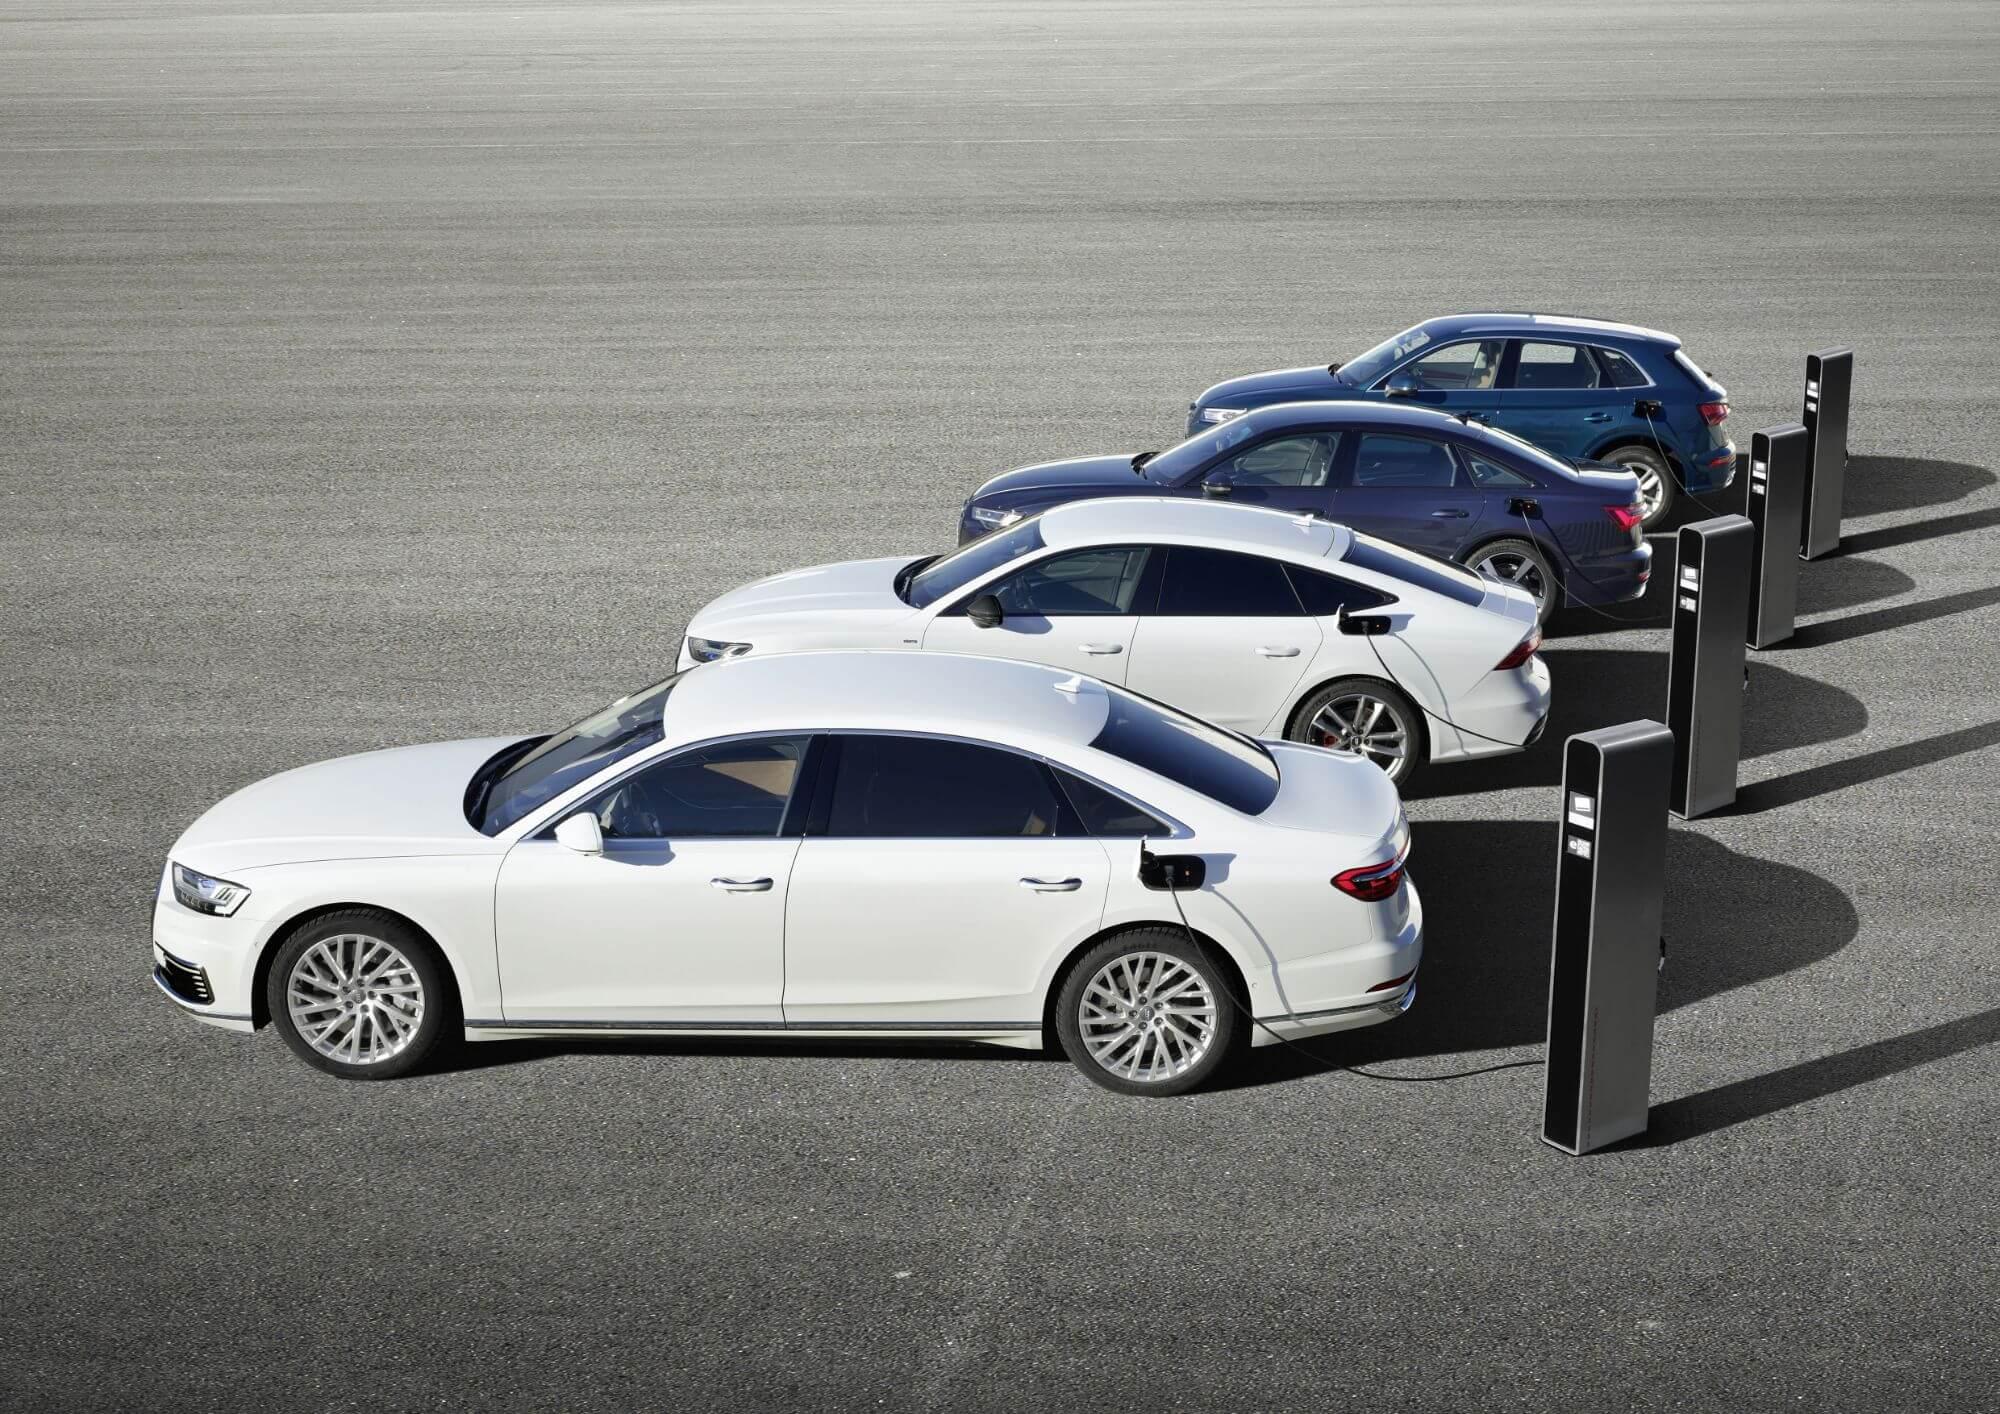 Endelig: Audi i offensiv plugin-hybrid-lancering